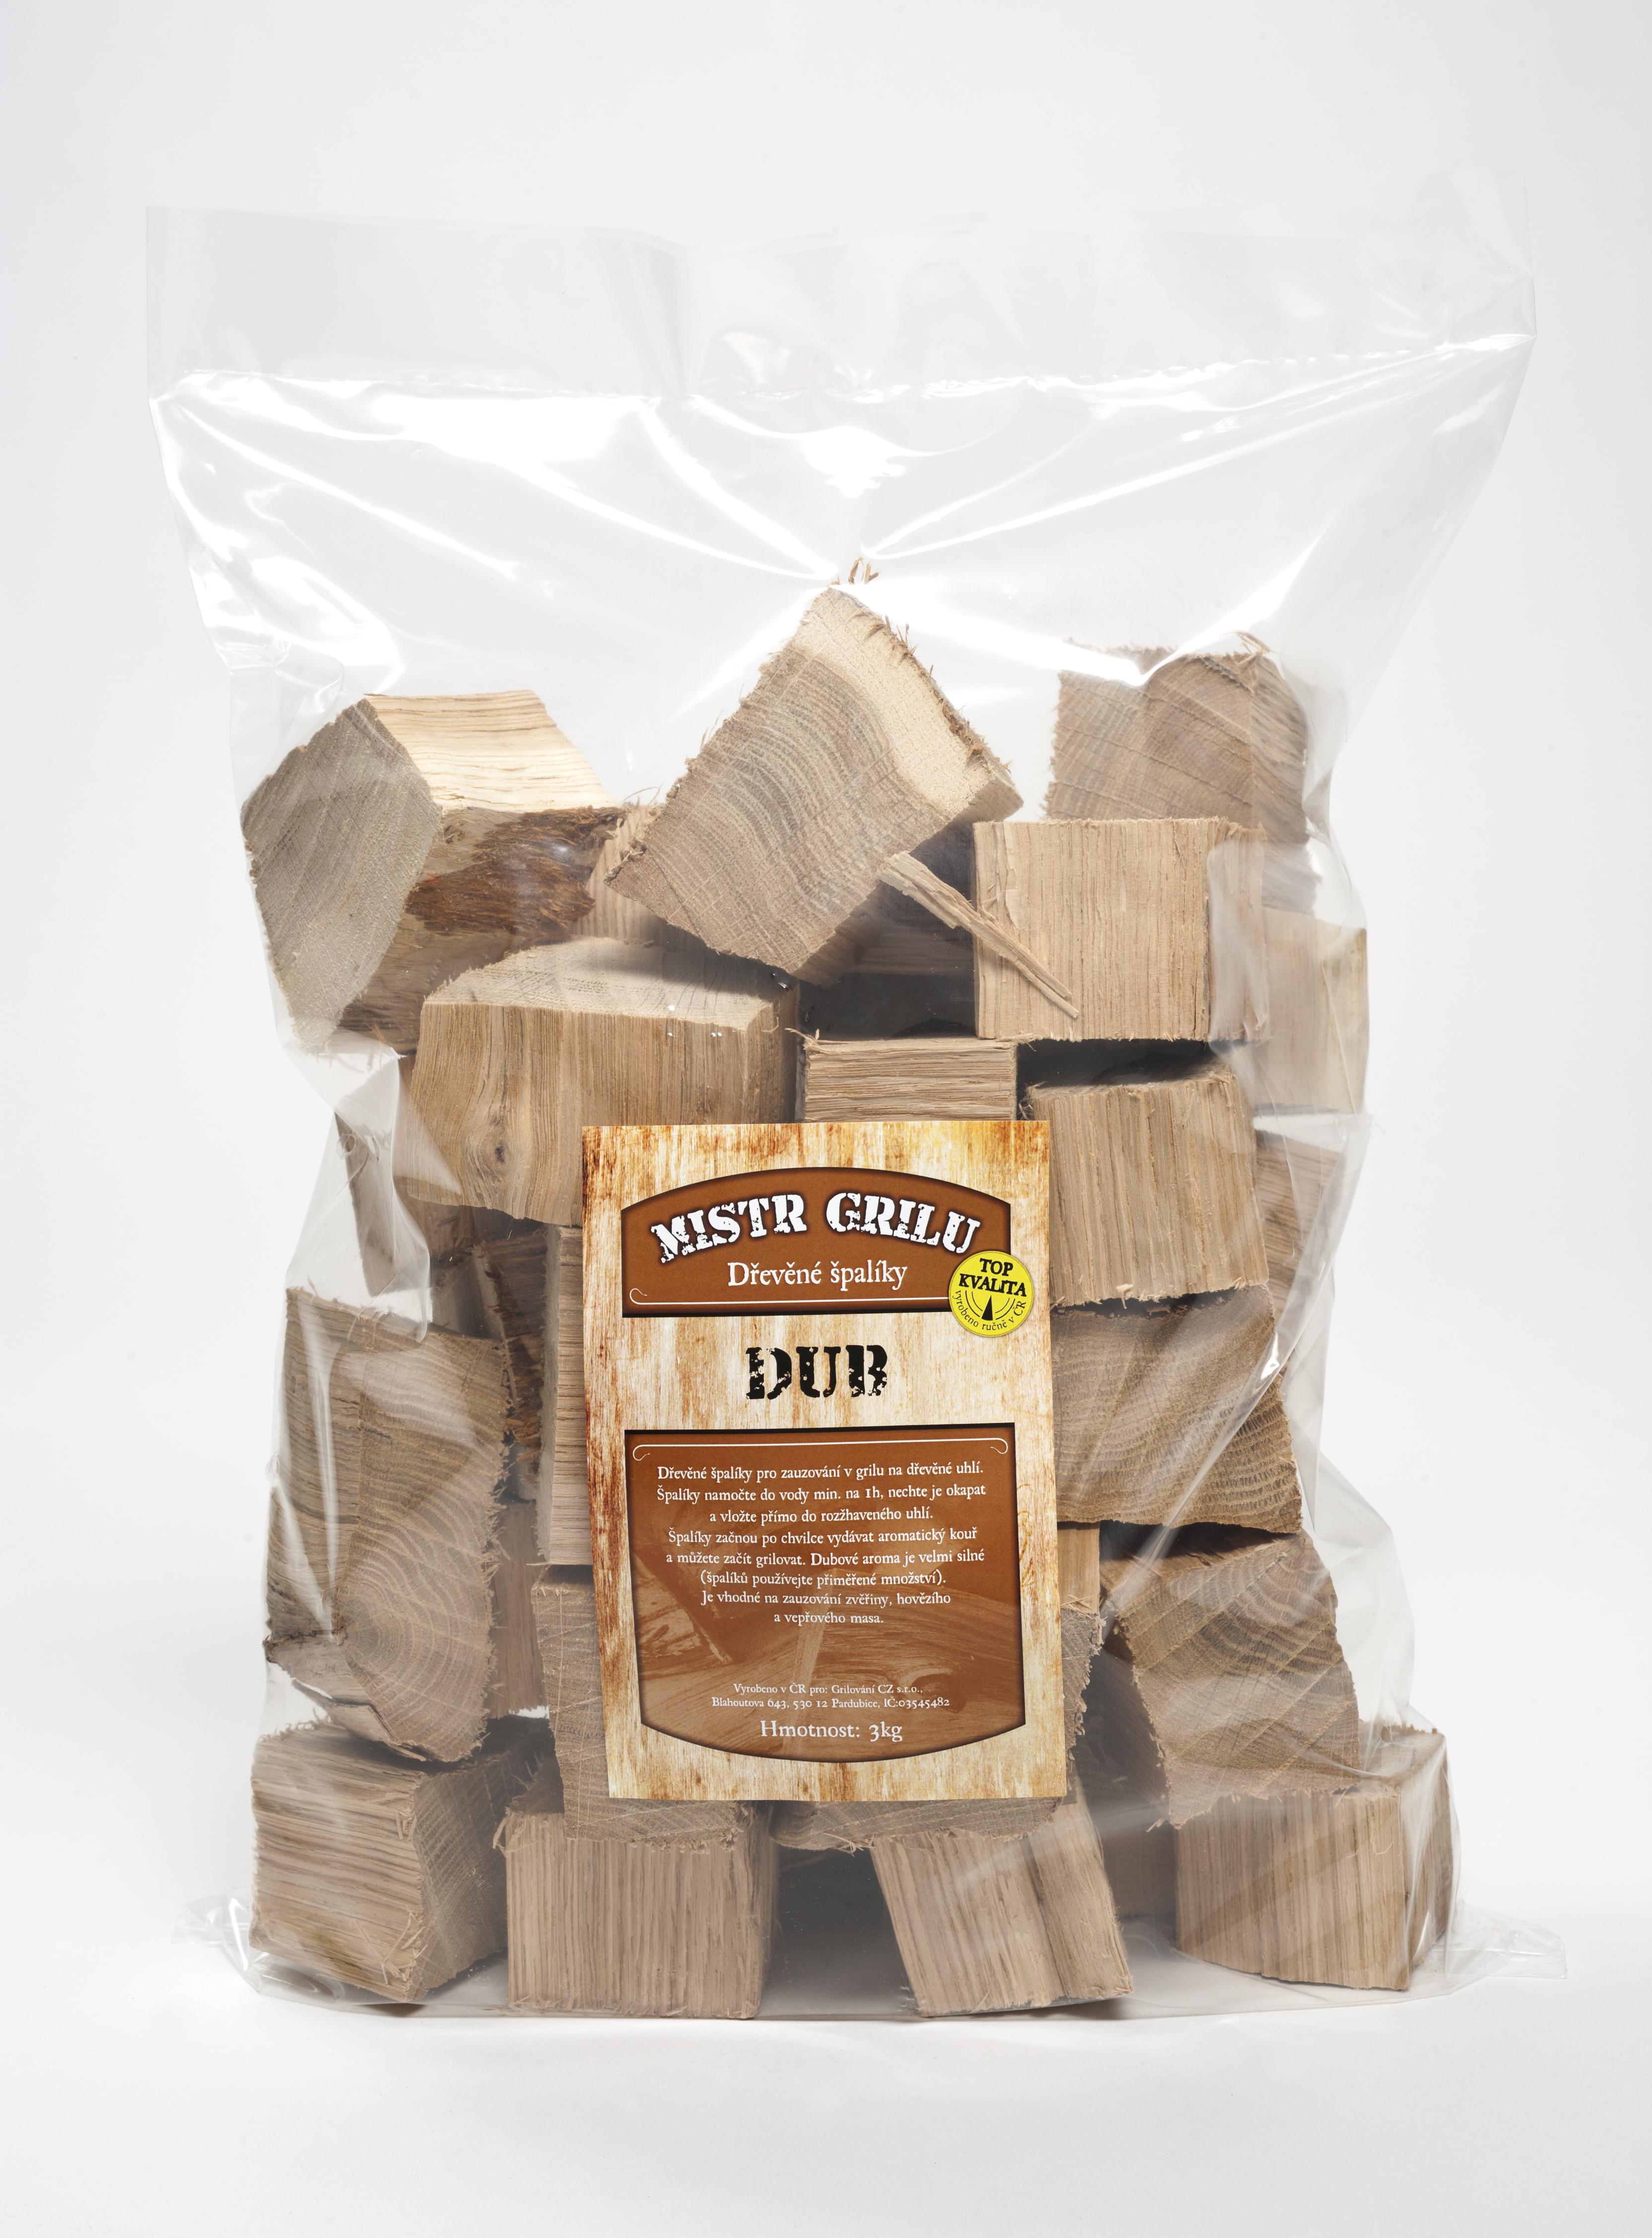 Dřevěné špalíky k uzení 3kg - DUB